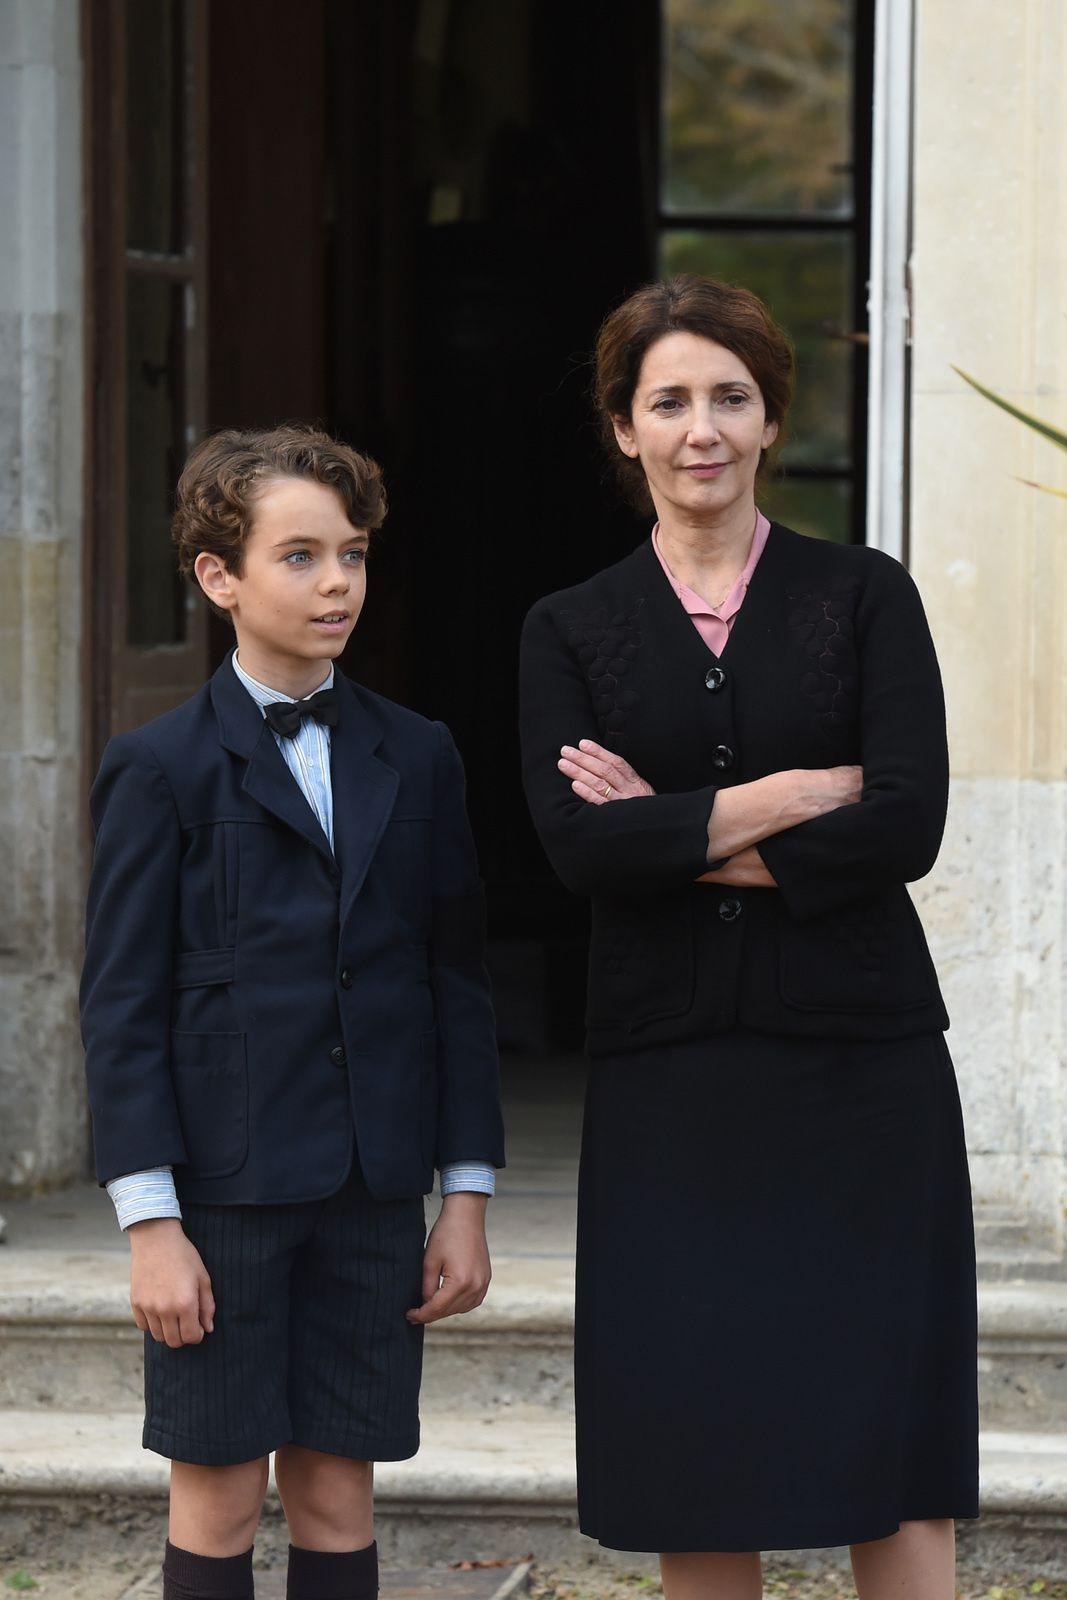 L'ÉCOLE BUISSONNIÈRE - LA BANDE-ANNONCE DU DERNIER FILM DE NICOLAS VANIER ! Le 11 octobre 2017 au cinéma